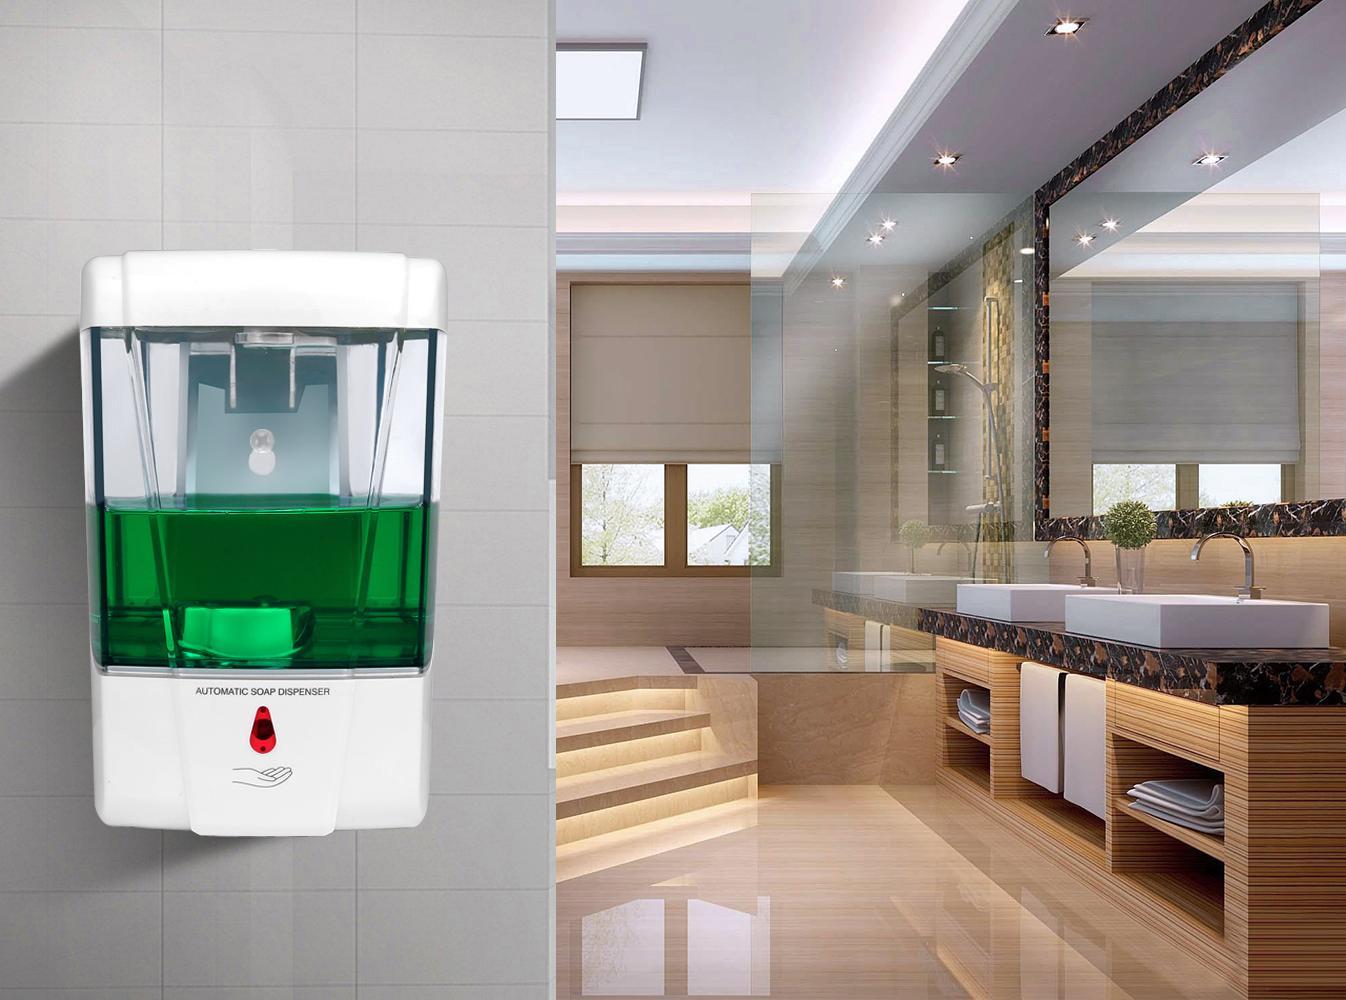 700ml fixado na parede Sensor dispensador de sabão líquido Touchless automática Soap Dispenser Sensor Dispenser Banho Acessórios DHB330